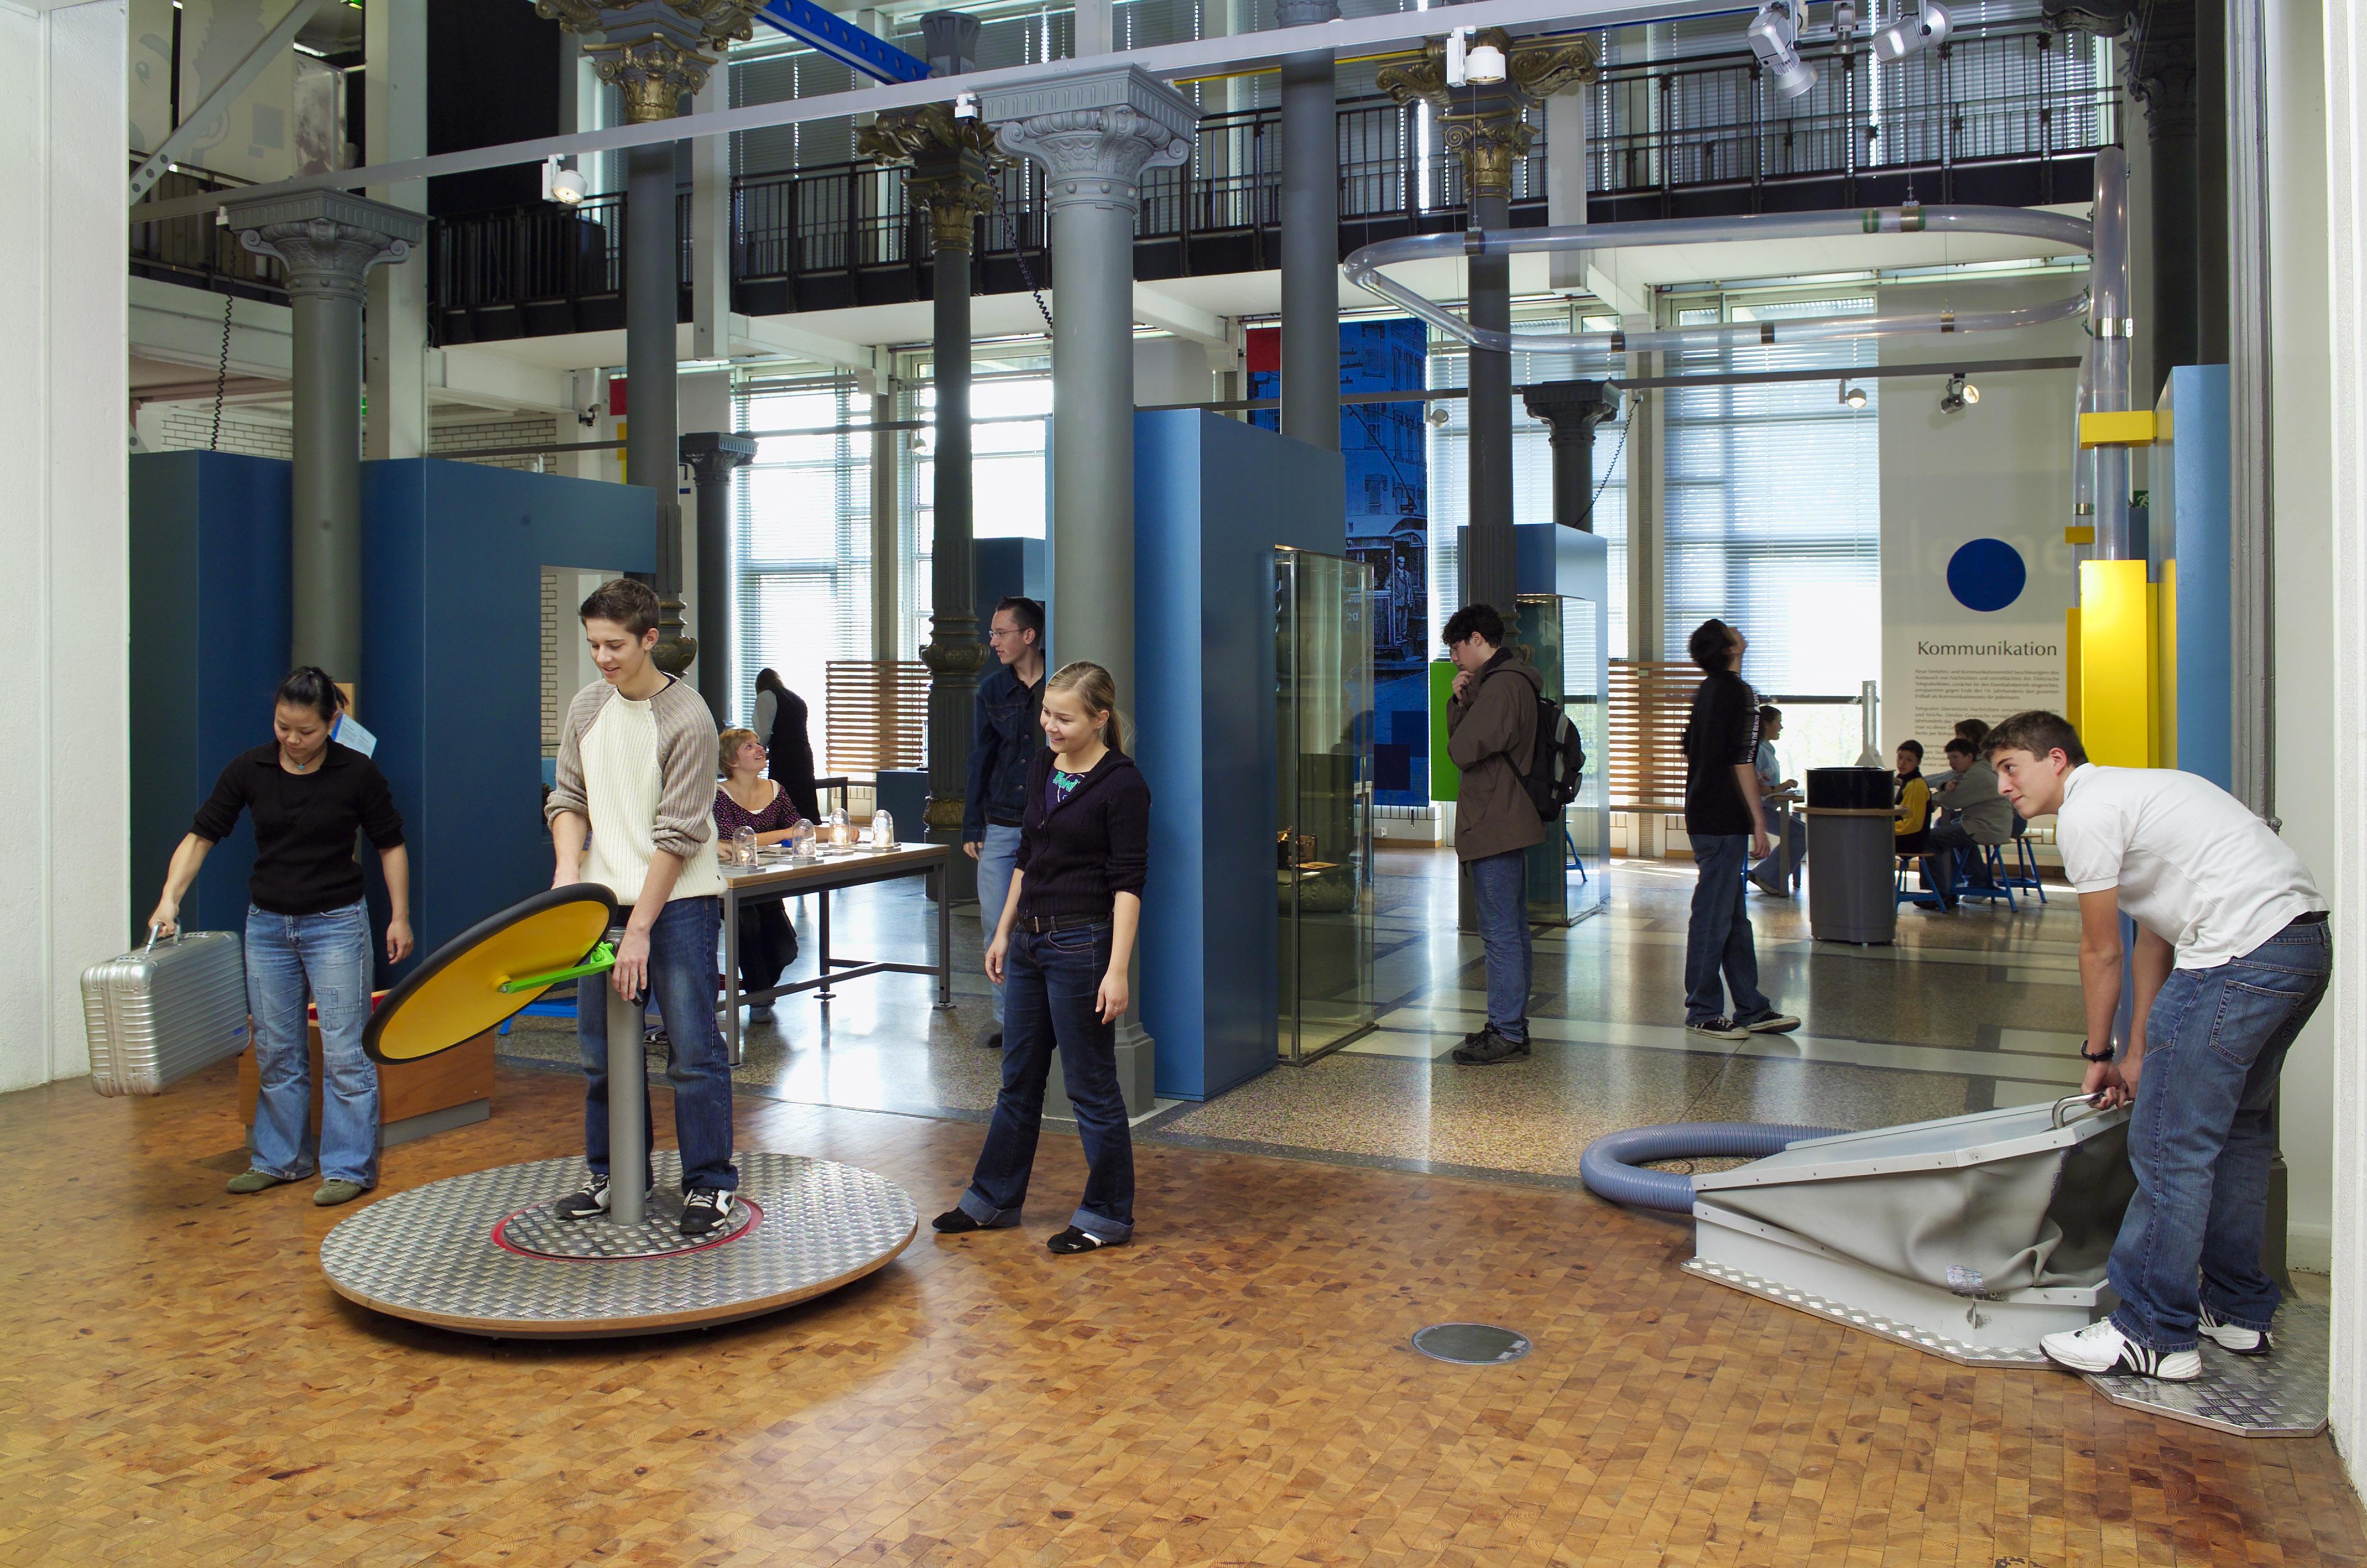 Mitmachstation Technoseum Mannheim